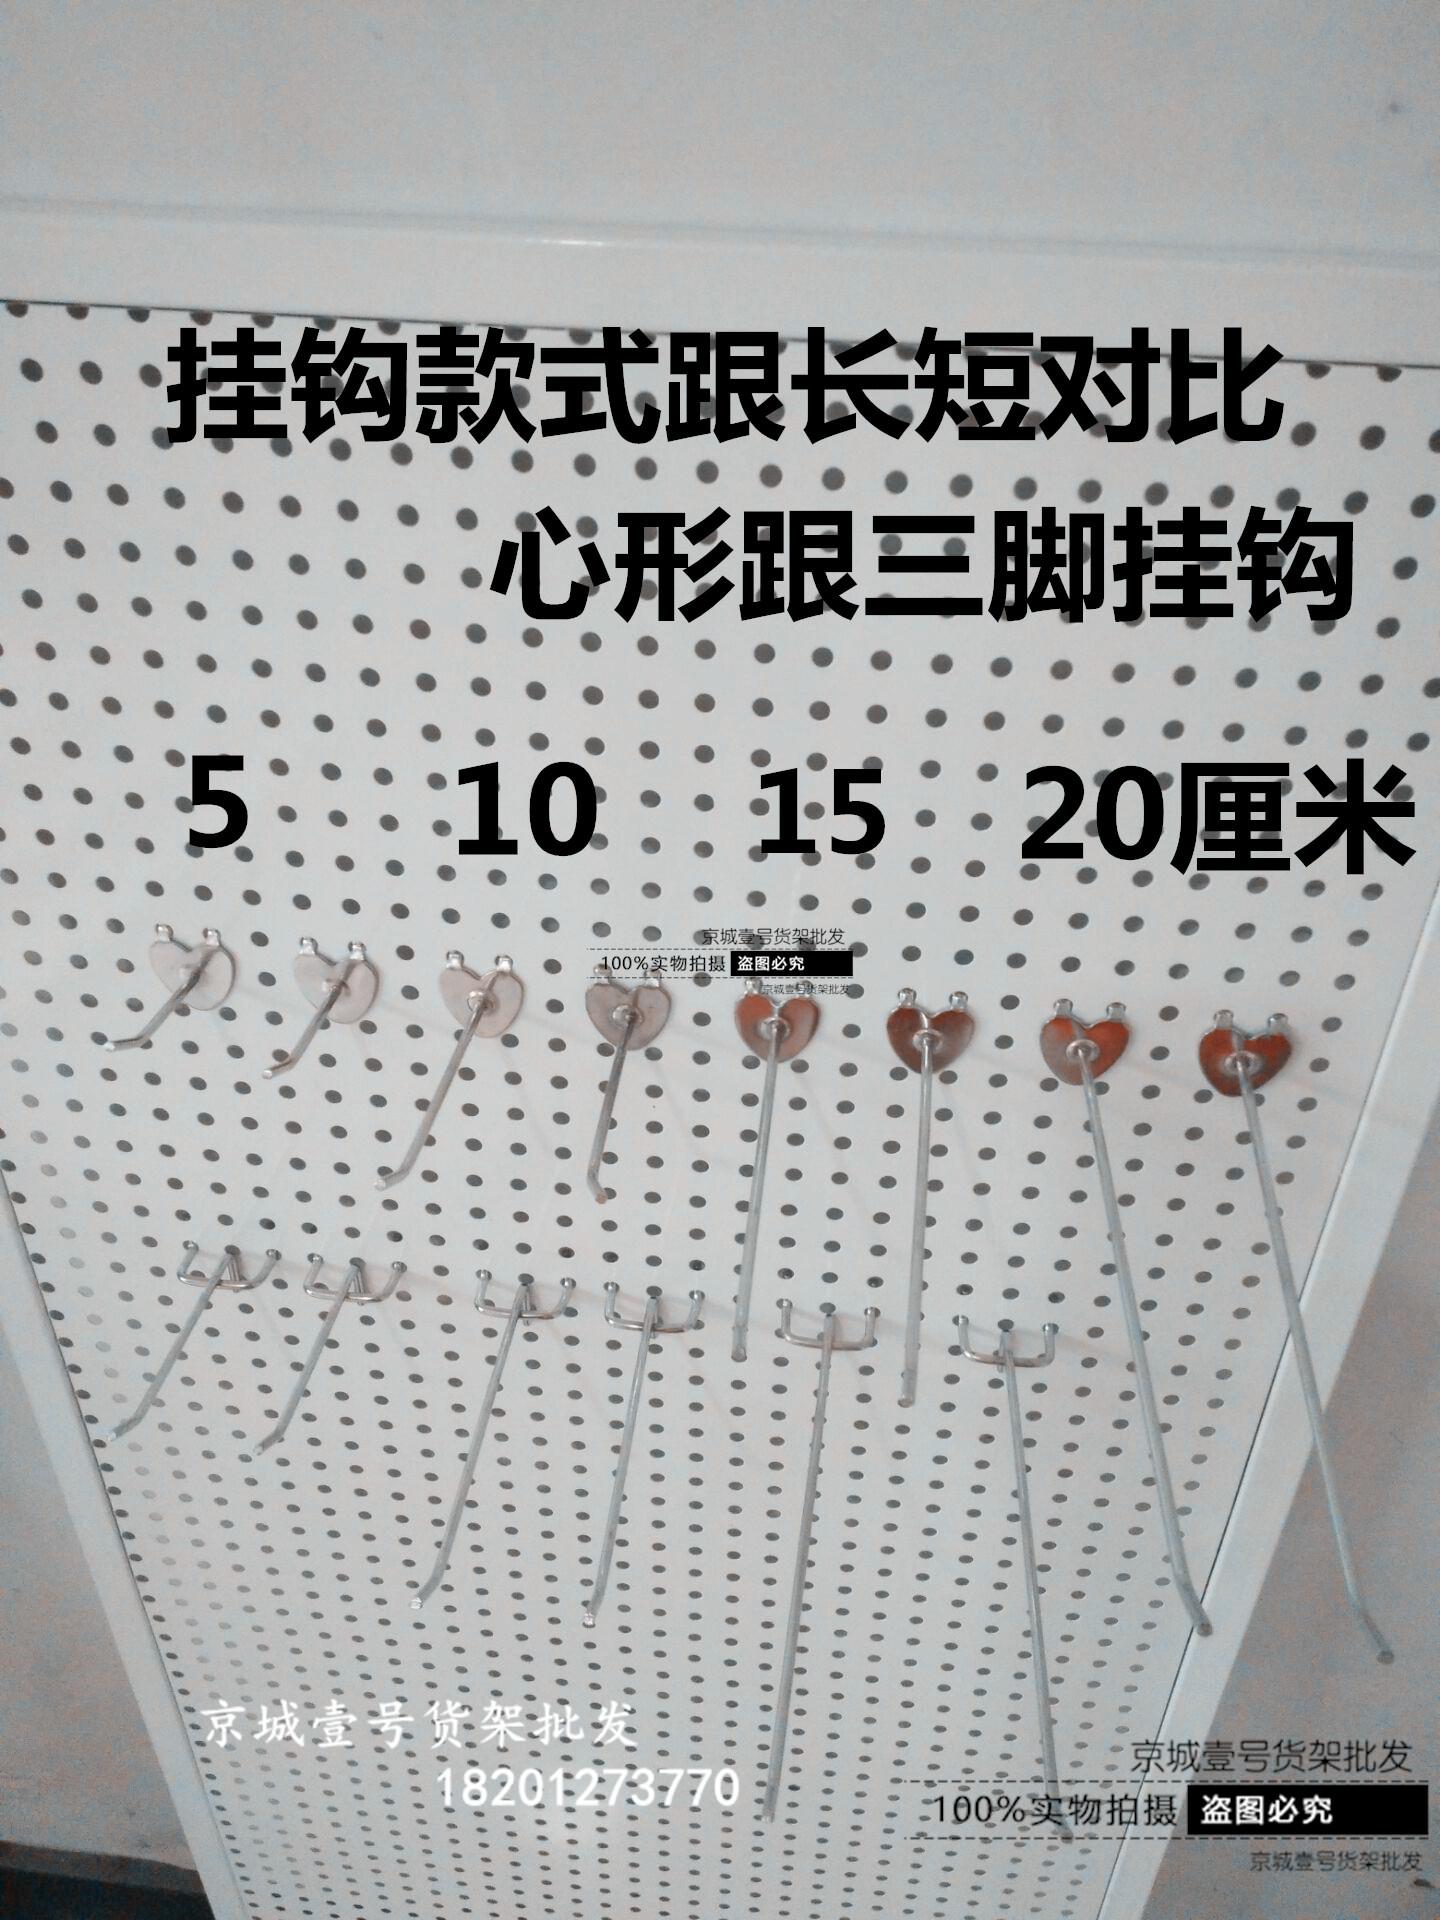 洞洞板货架带边框洞洞板展示架孔板上墙饰品展架厨房收纳手机配件